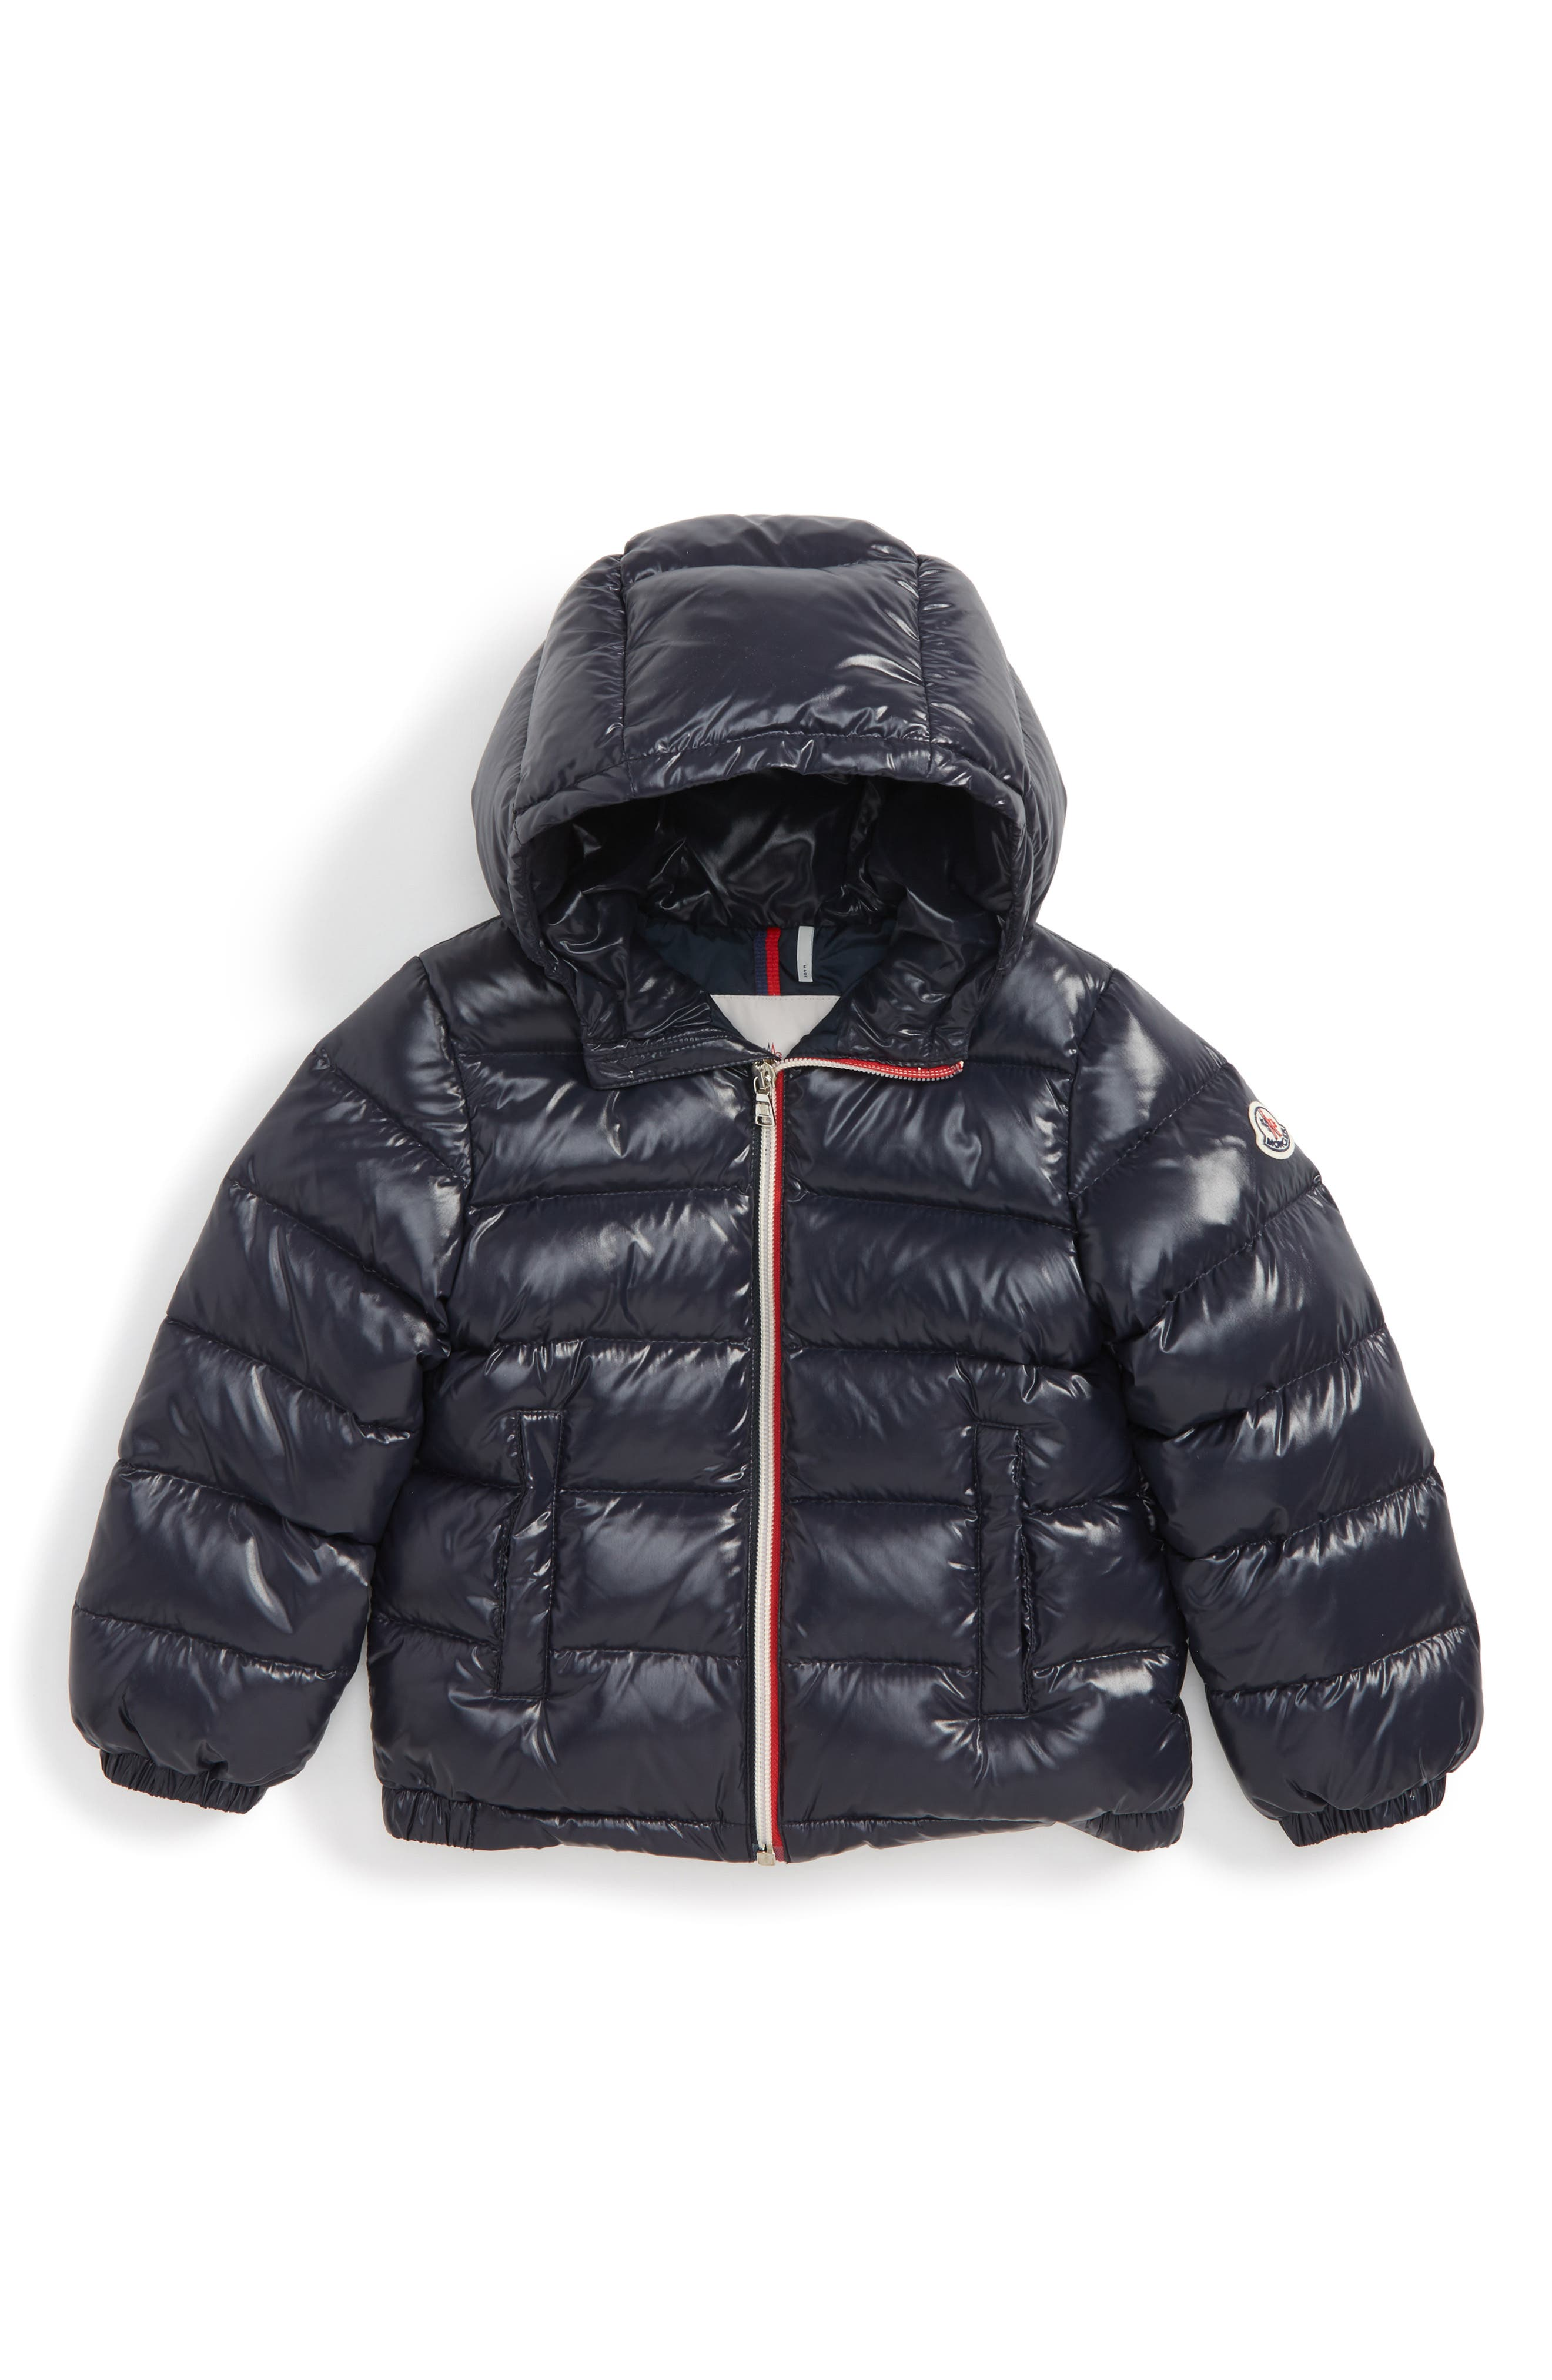 Nike epic jacket - Nike Epic Jacket 30